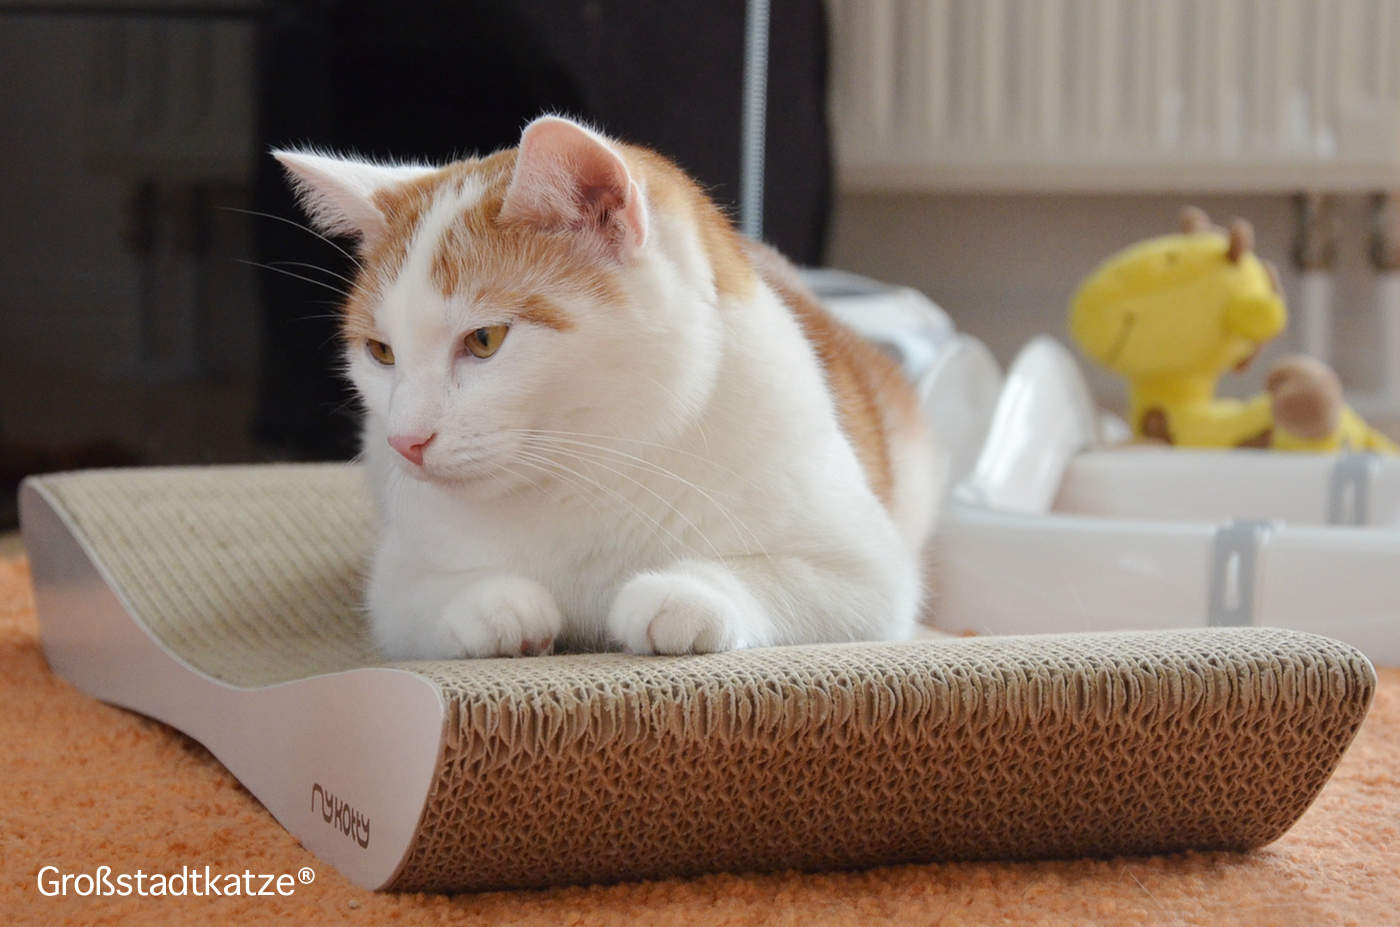 Kratzliege | myKotty | Katzenliege | stylisches Katzenzubehör